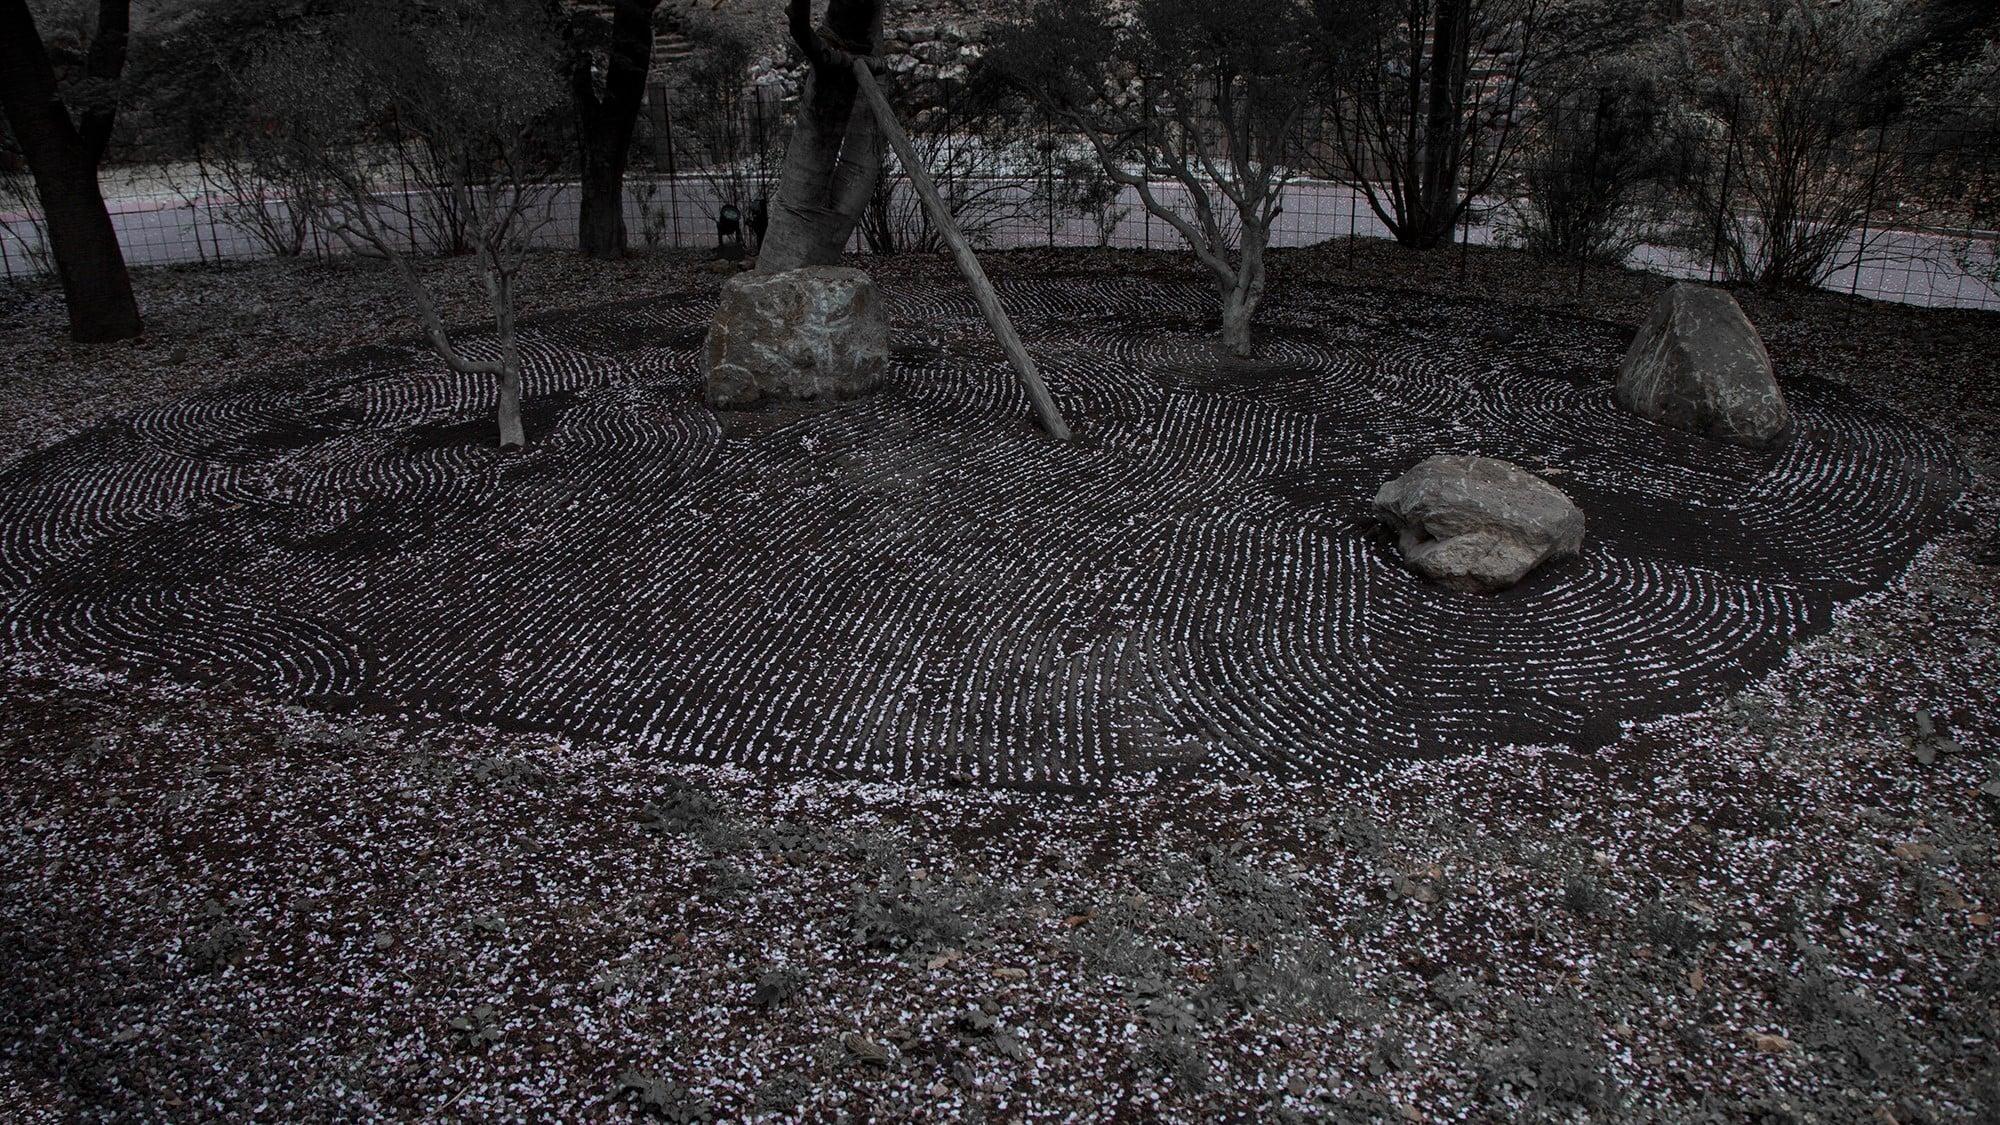 枯山水の溝に桜の花びらが落ち、春の庭は桜色になる。